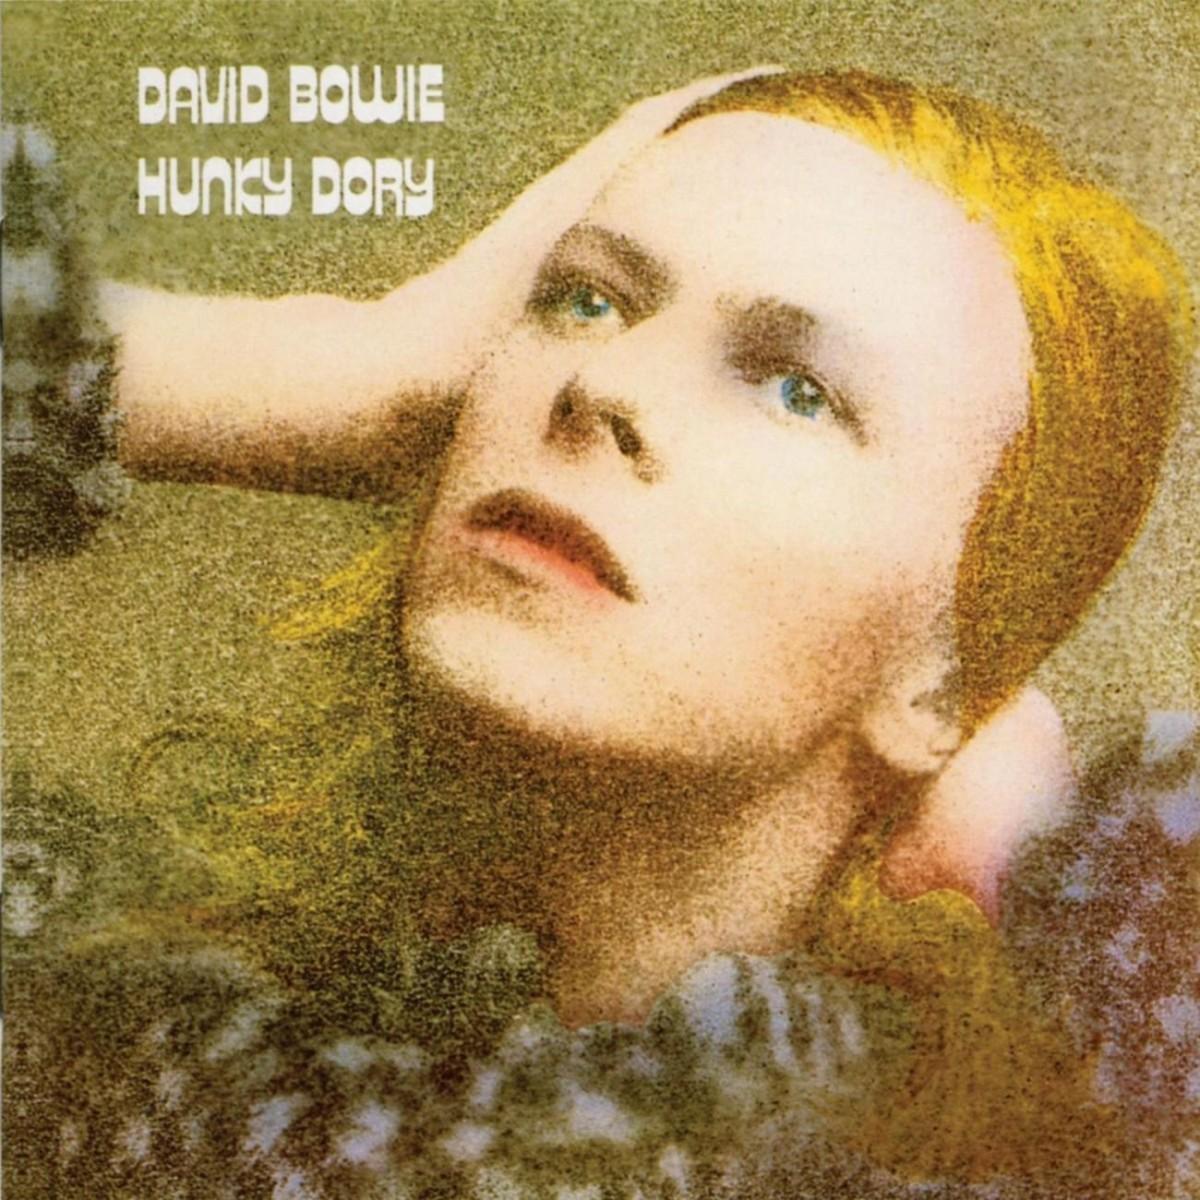 En 1971 David Bowie publica el álbum 'Hunky Dory' y se metamorfosea...